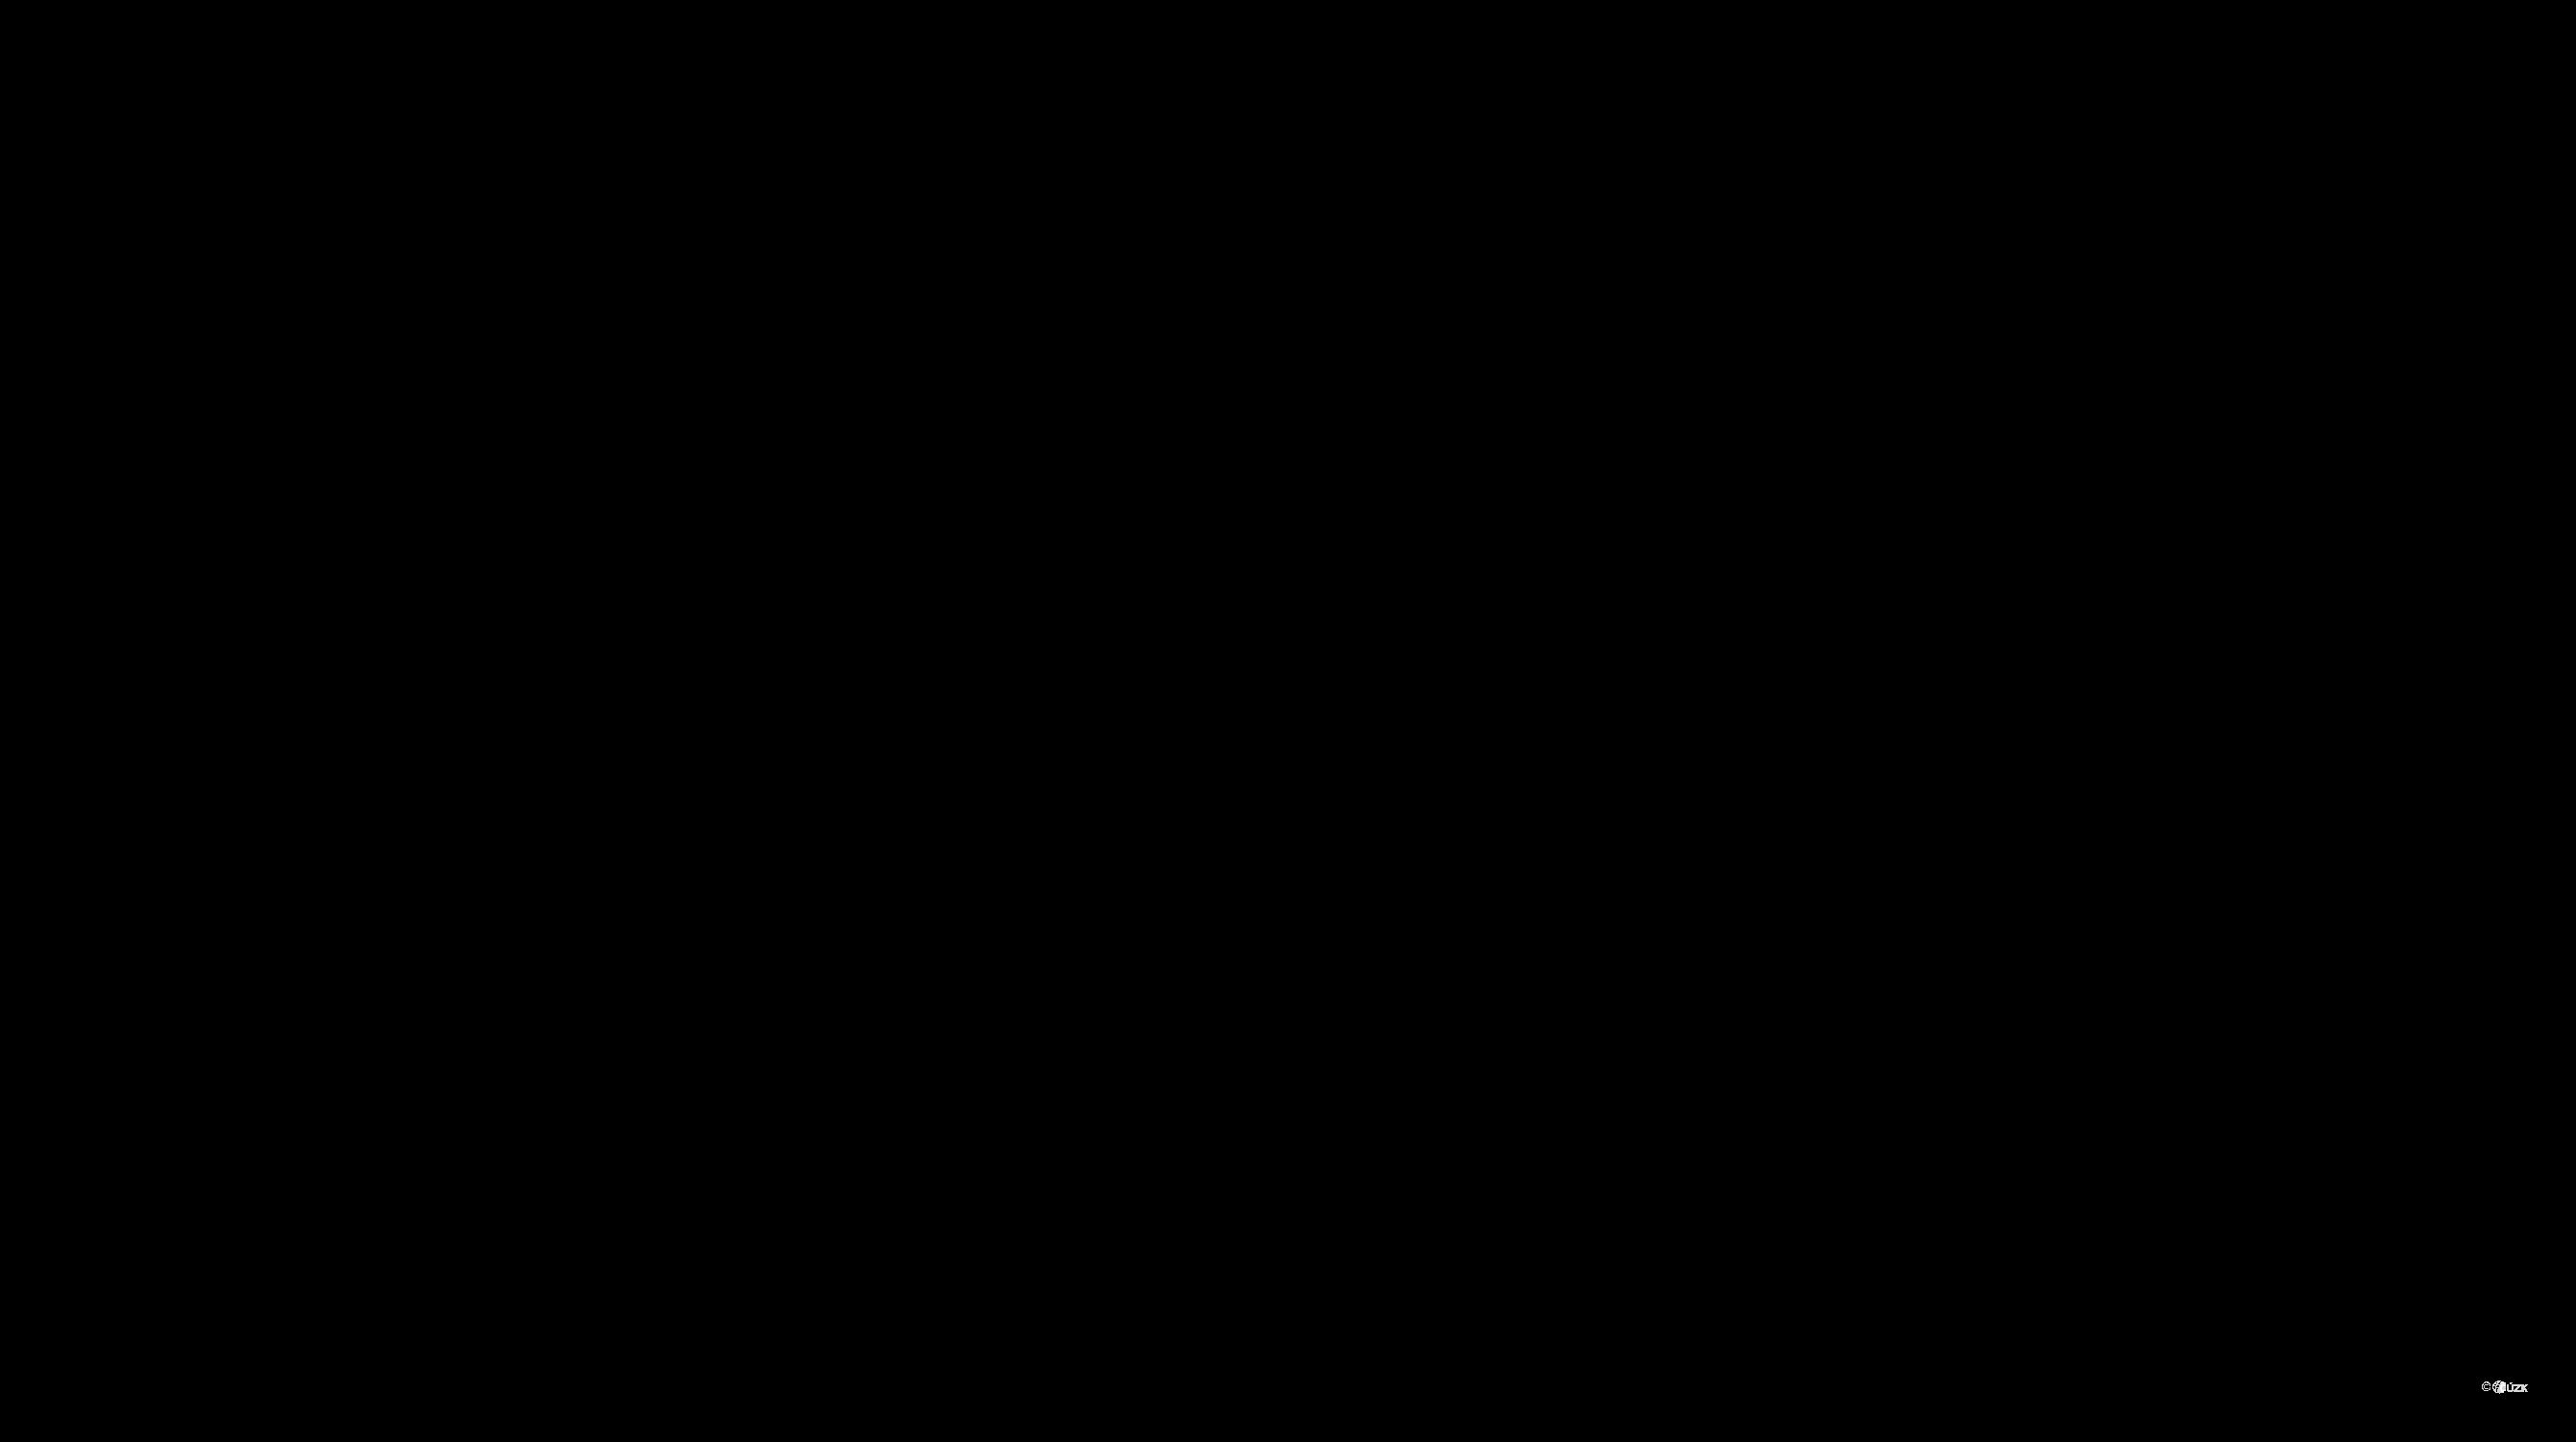 Katastrální mapa pozemků a čísla parcel Šumperk